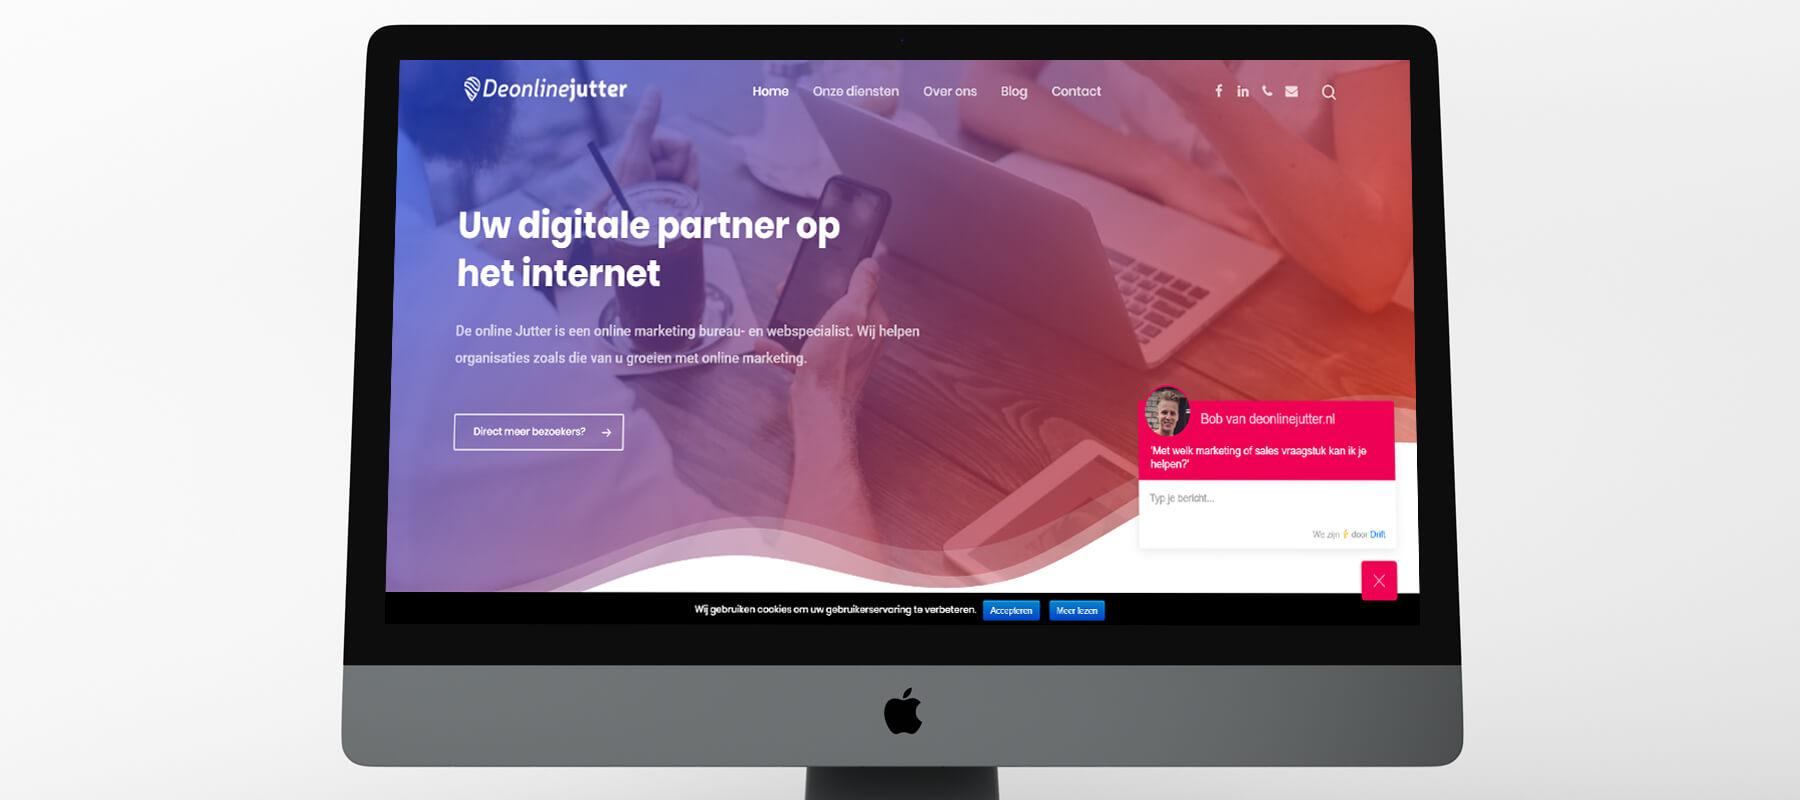 Nieuwe website voor De online Jutter - Homepagina